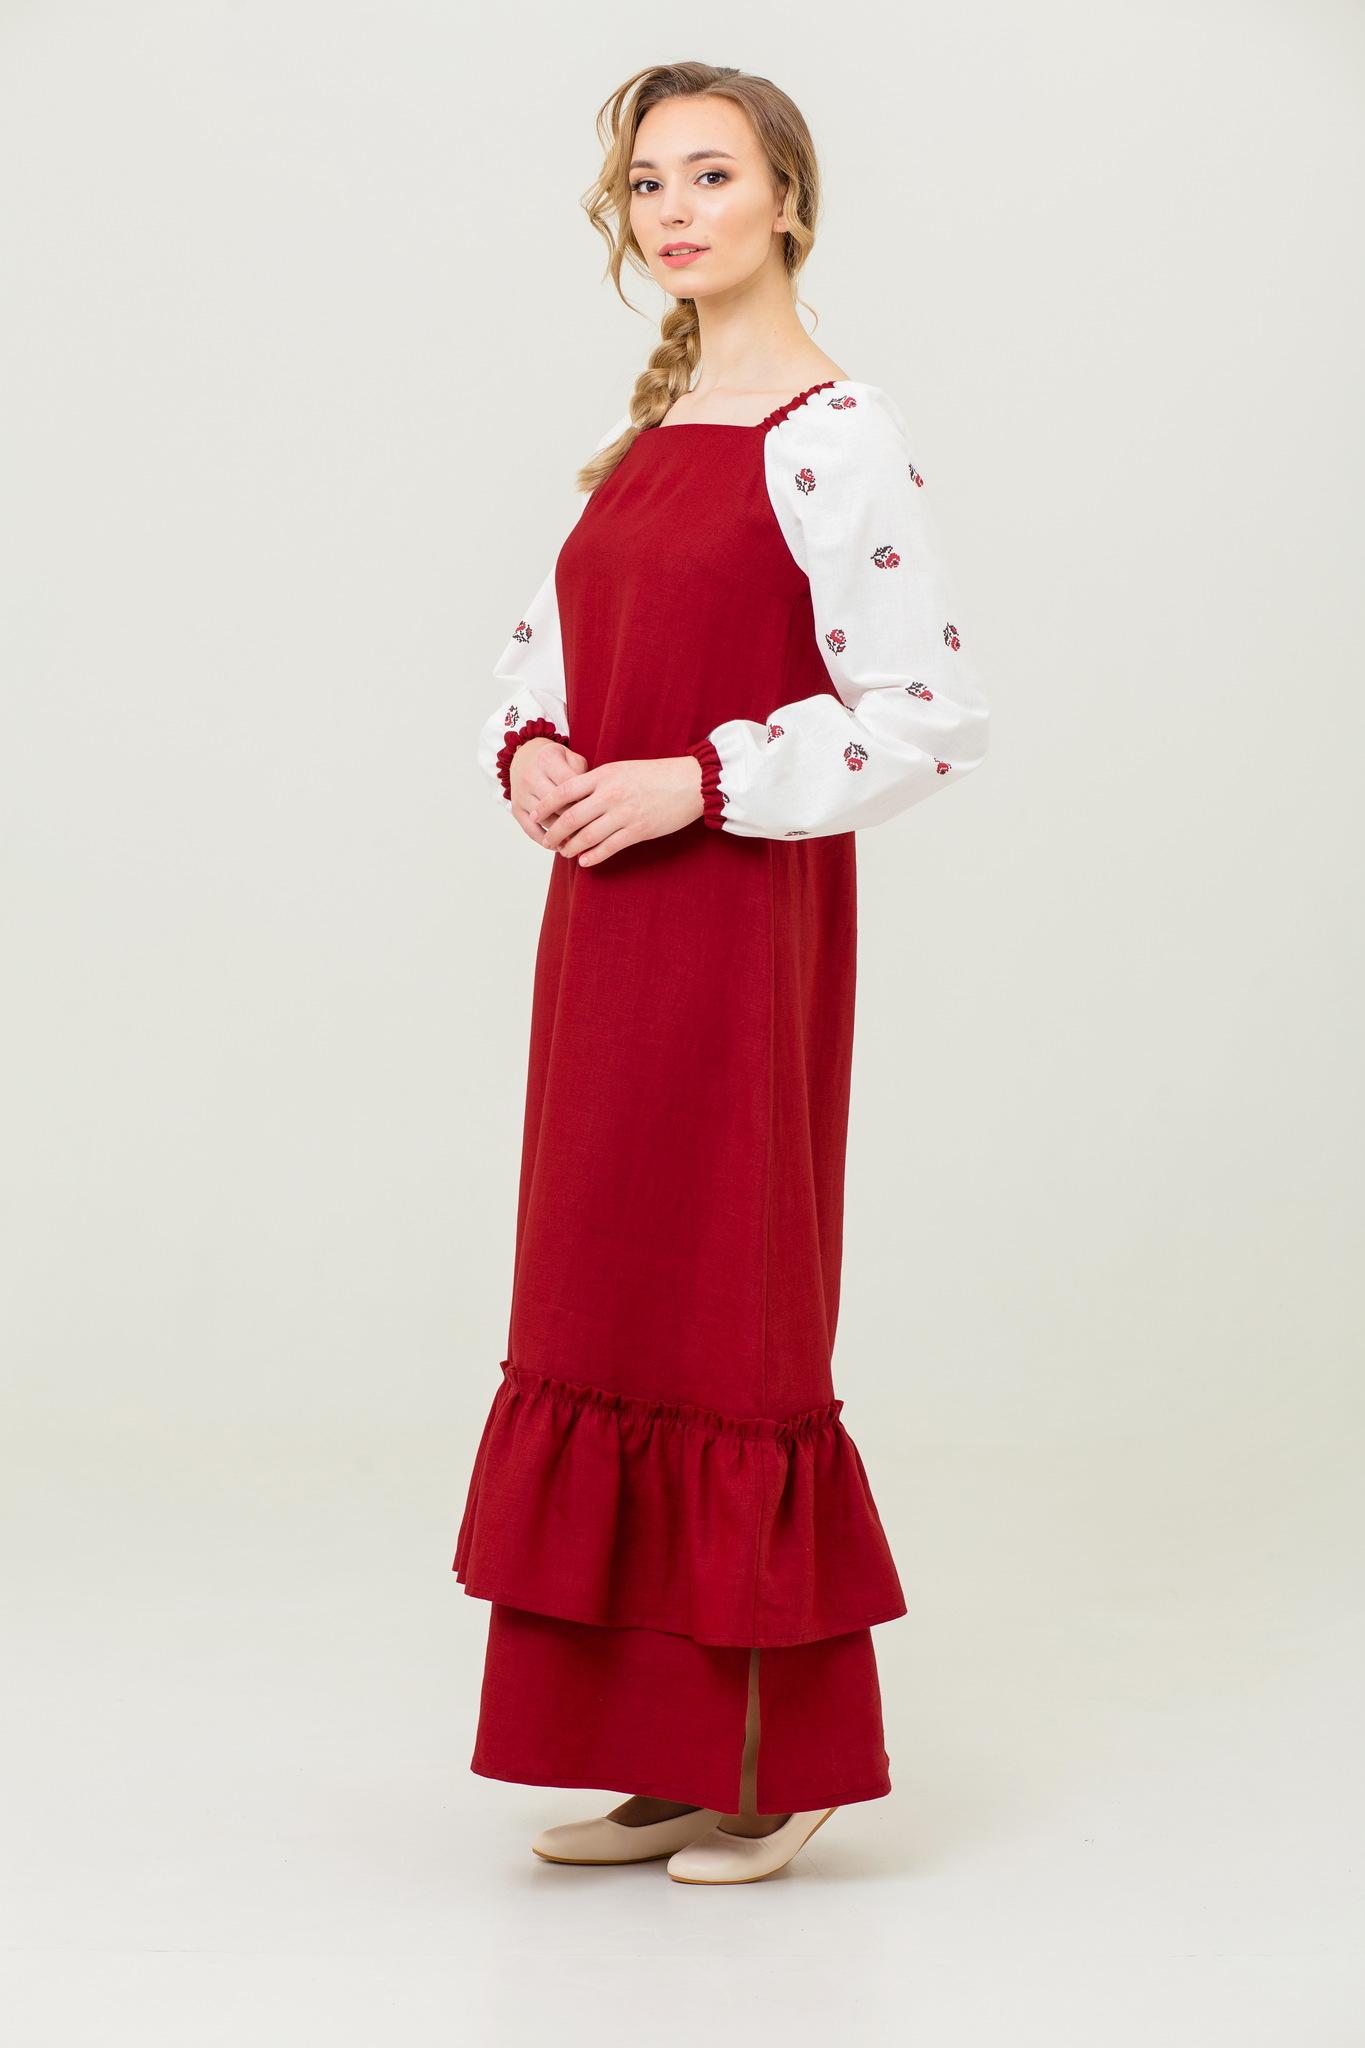 Льняное платье русское народное Алёнушка